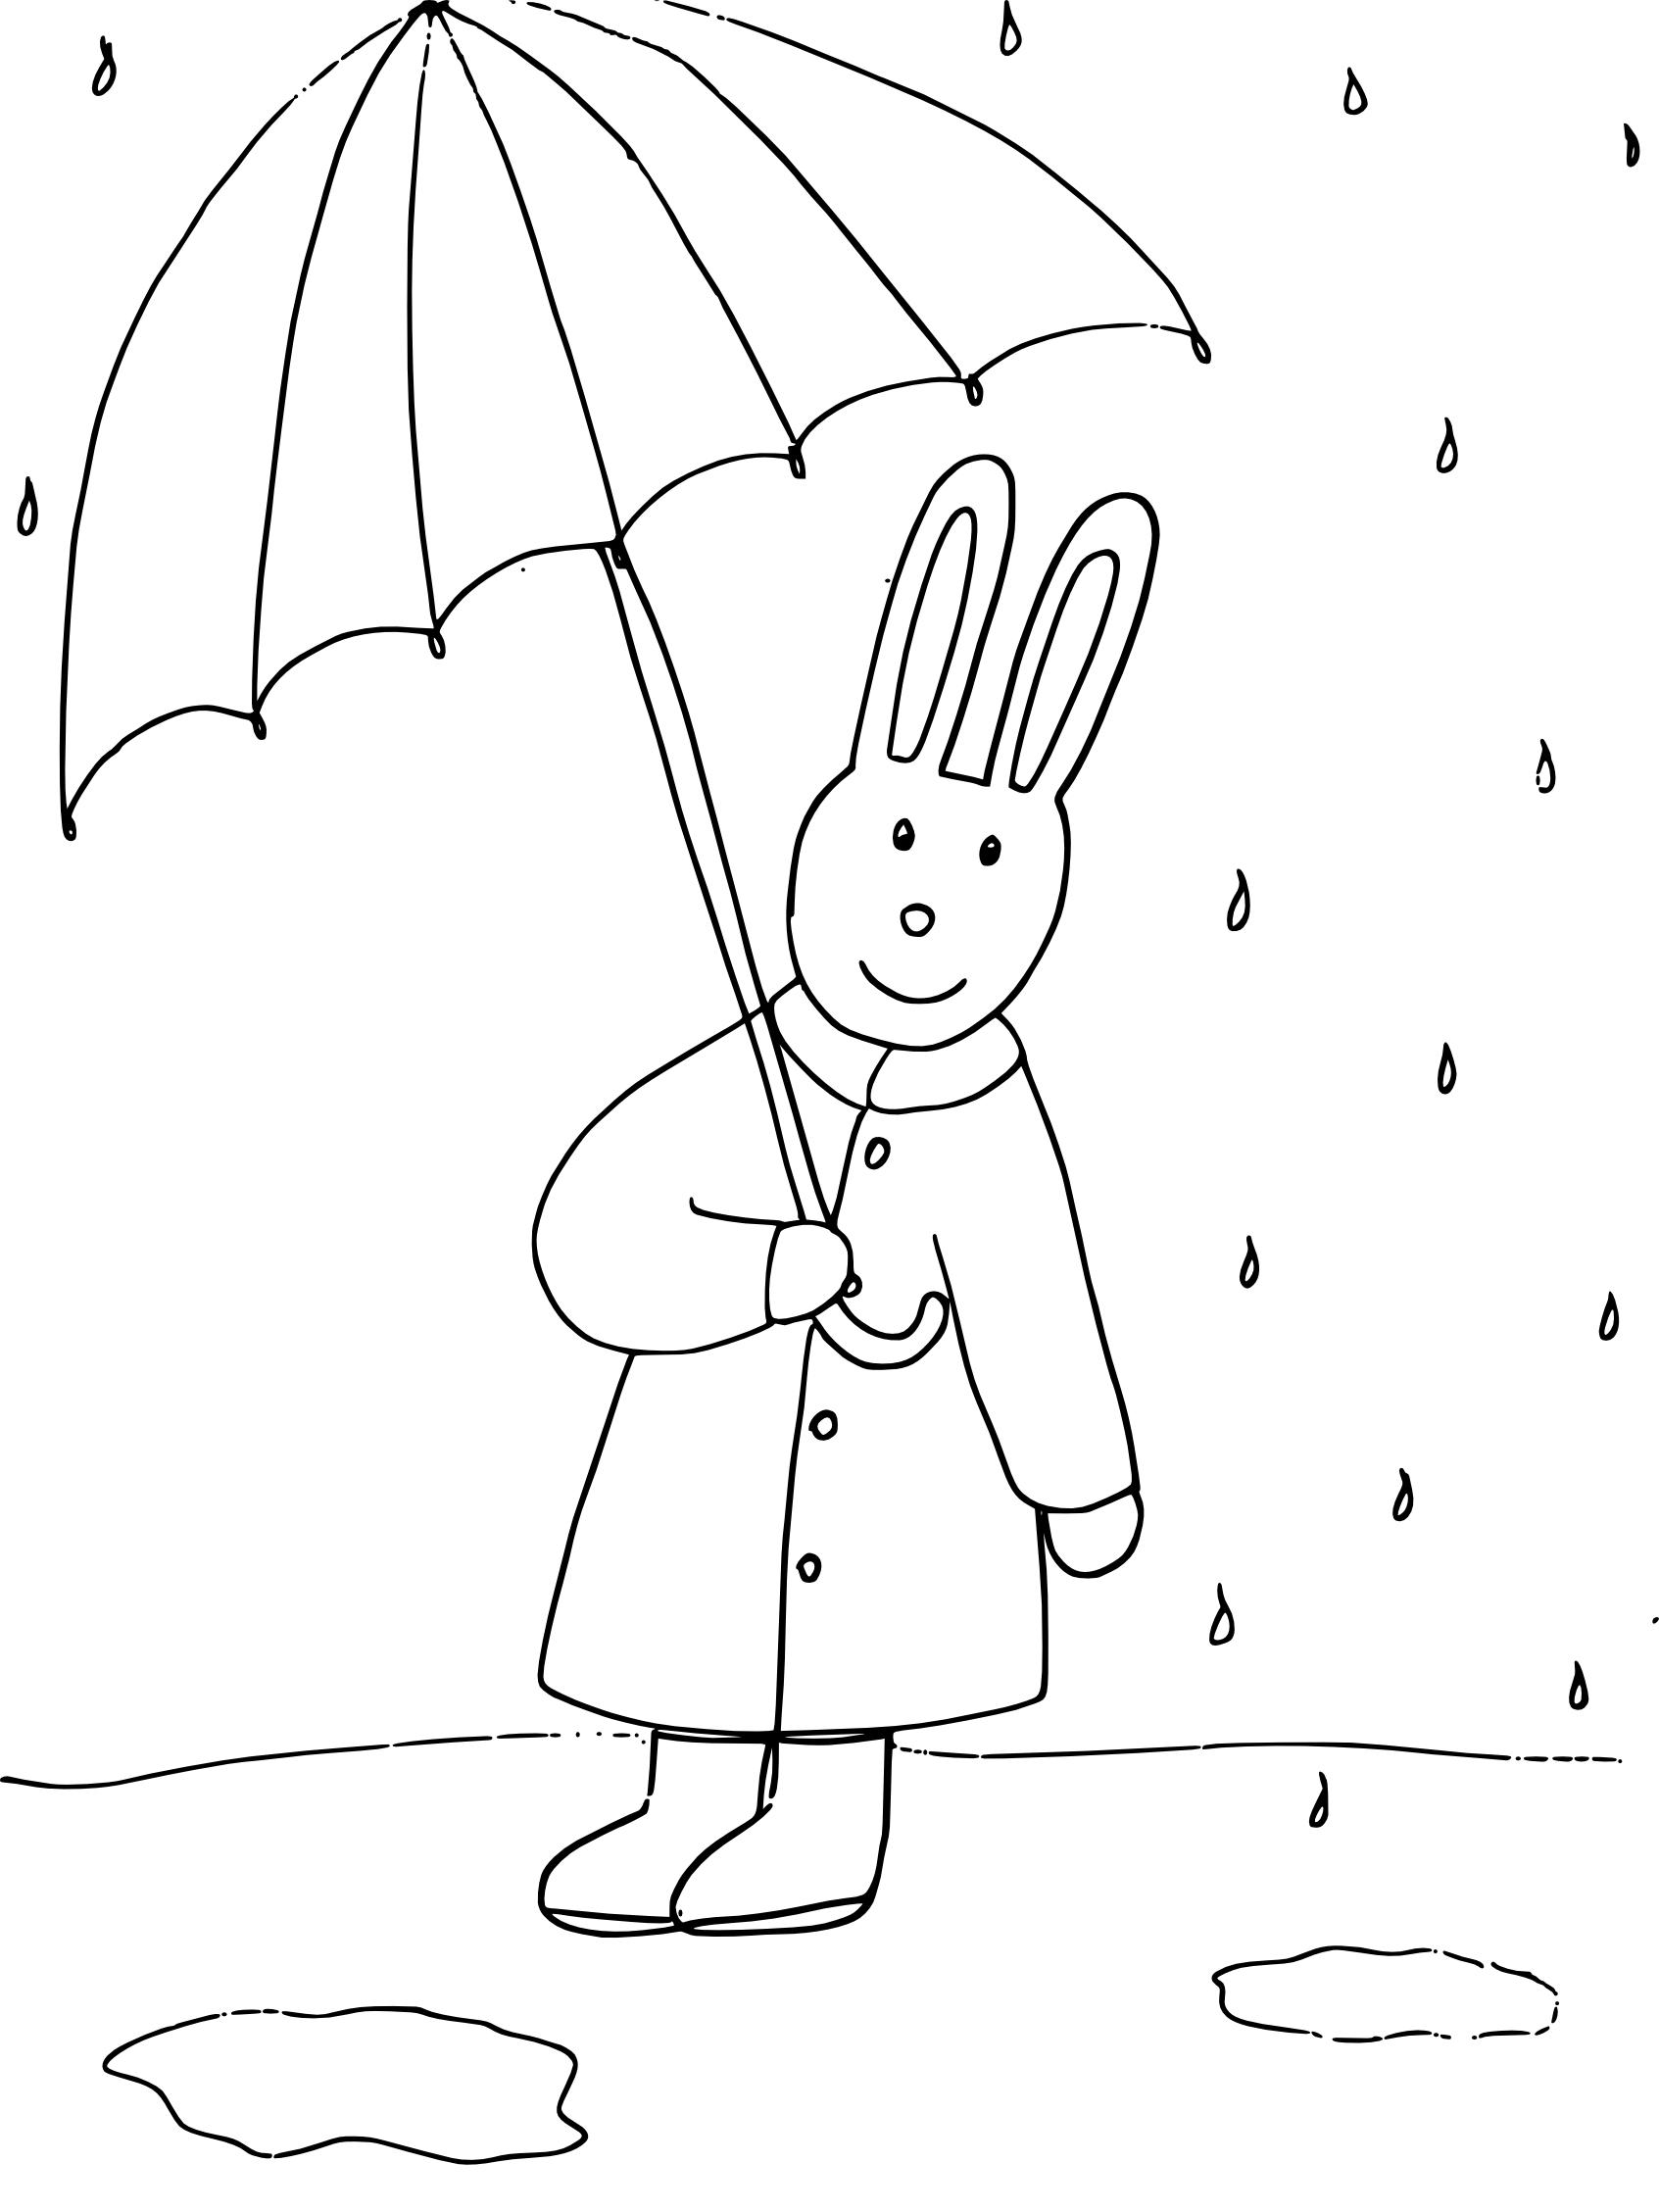 Coloriage lapin avec parapluie